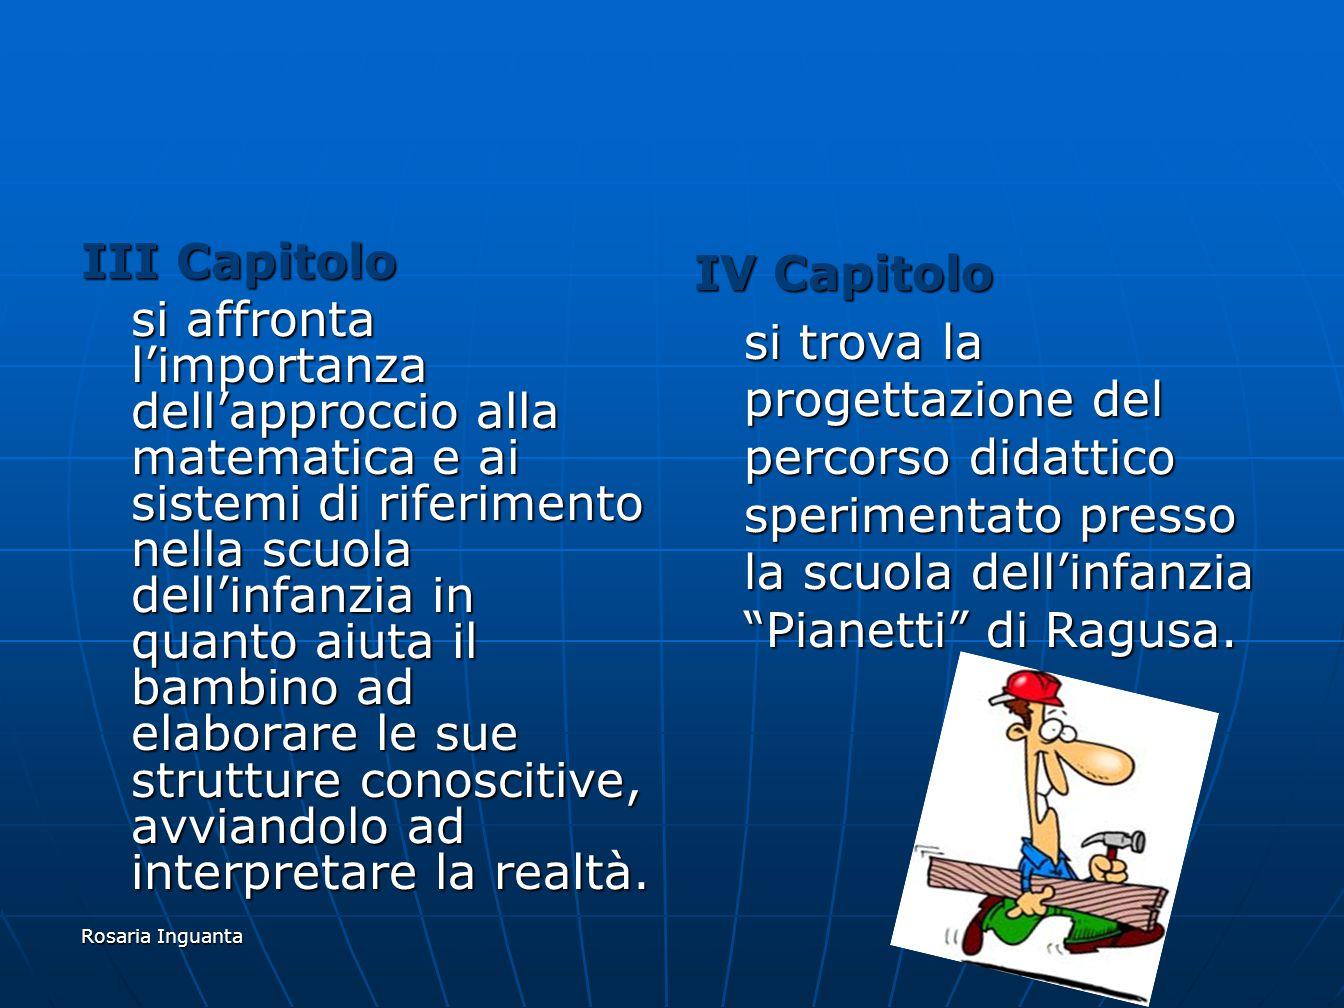 Rosaria Inguanta V Capitolo viene descritta la sperimentazione passo dopo passo, documentata dai dialoghi originali dei bambini e dalle foto.